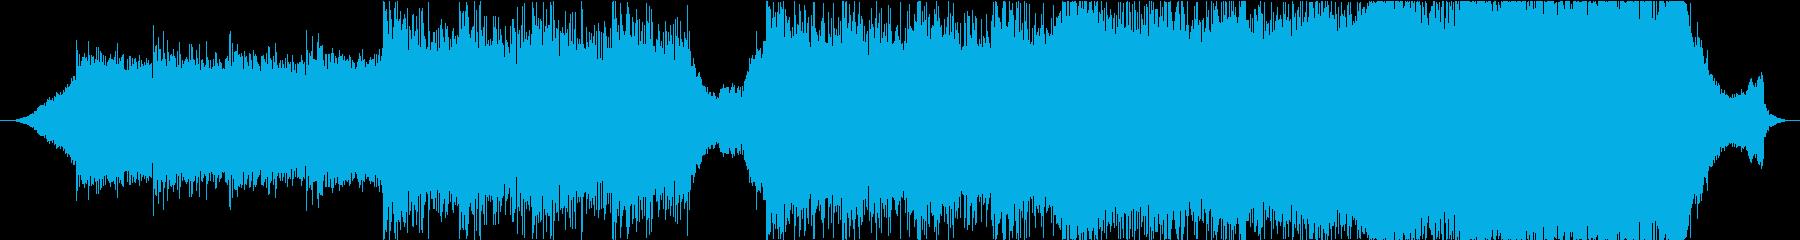 壮大な映画のバックグラウンドトラックの再生済みの波形